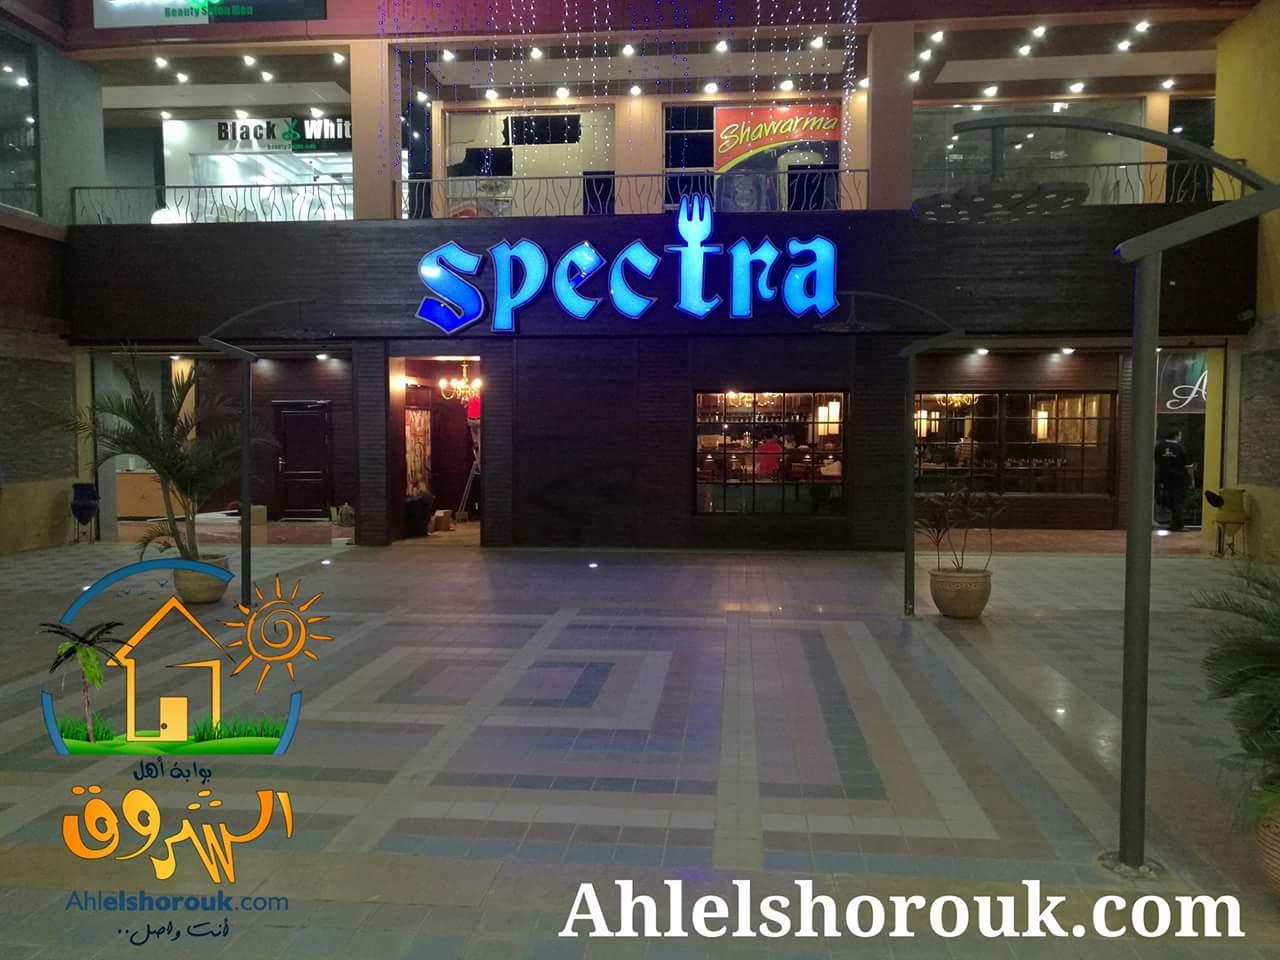 مطعم سبكترا Spectra Restaurant